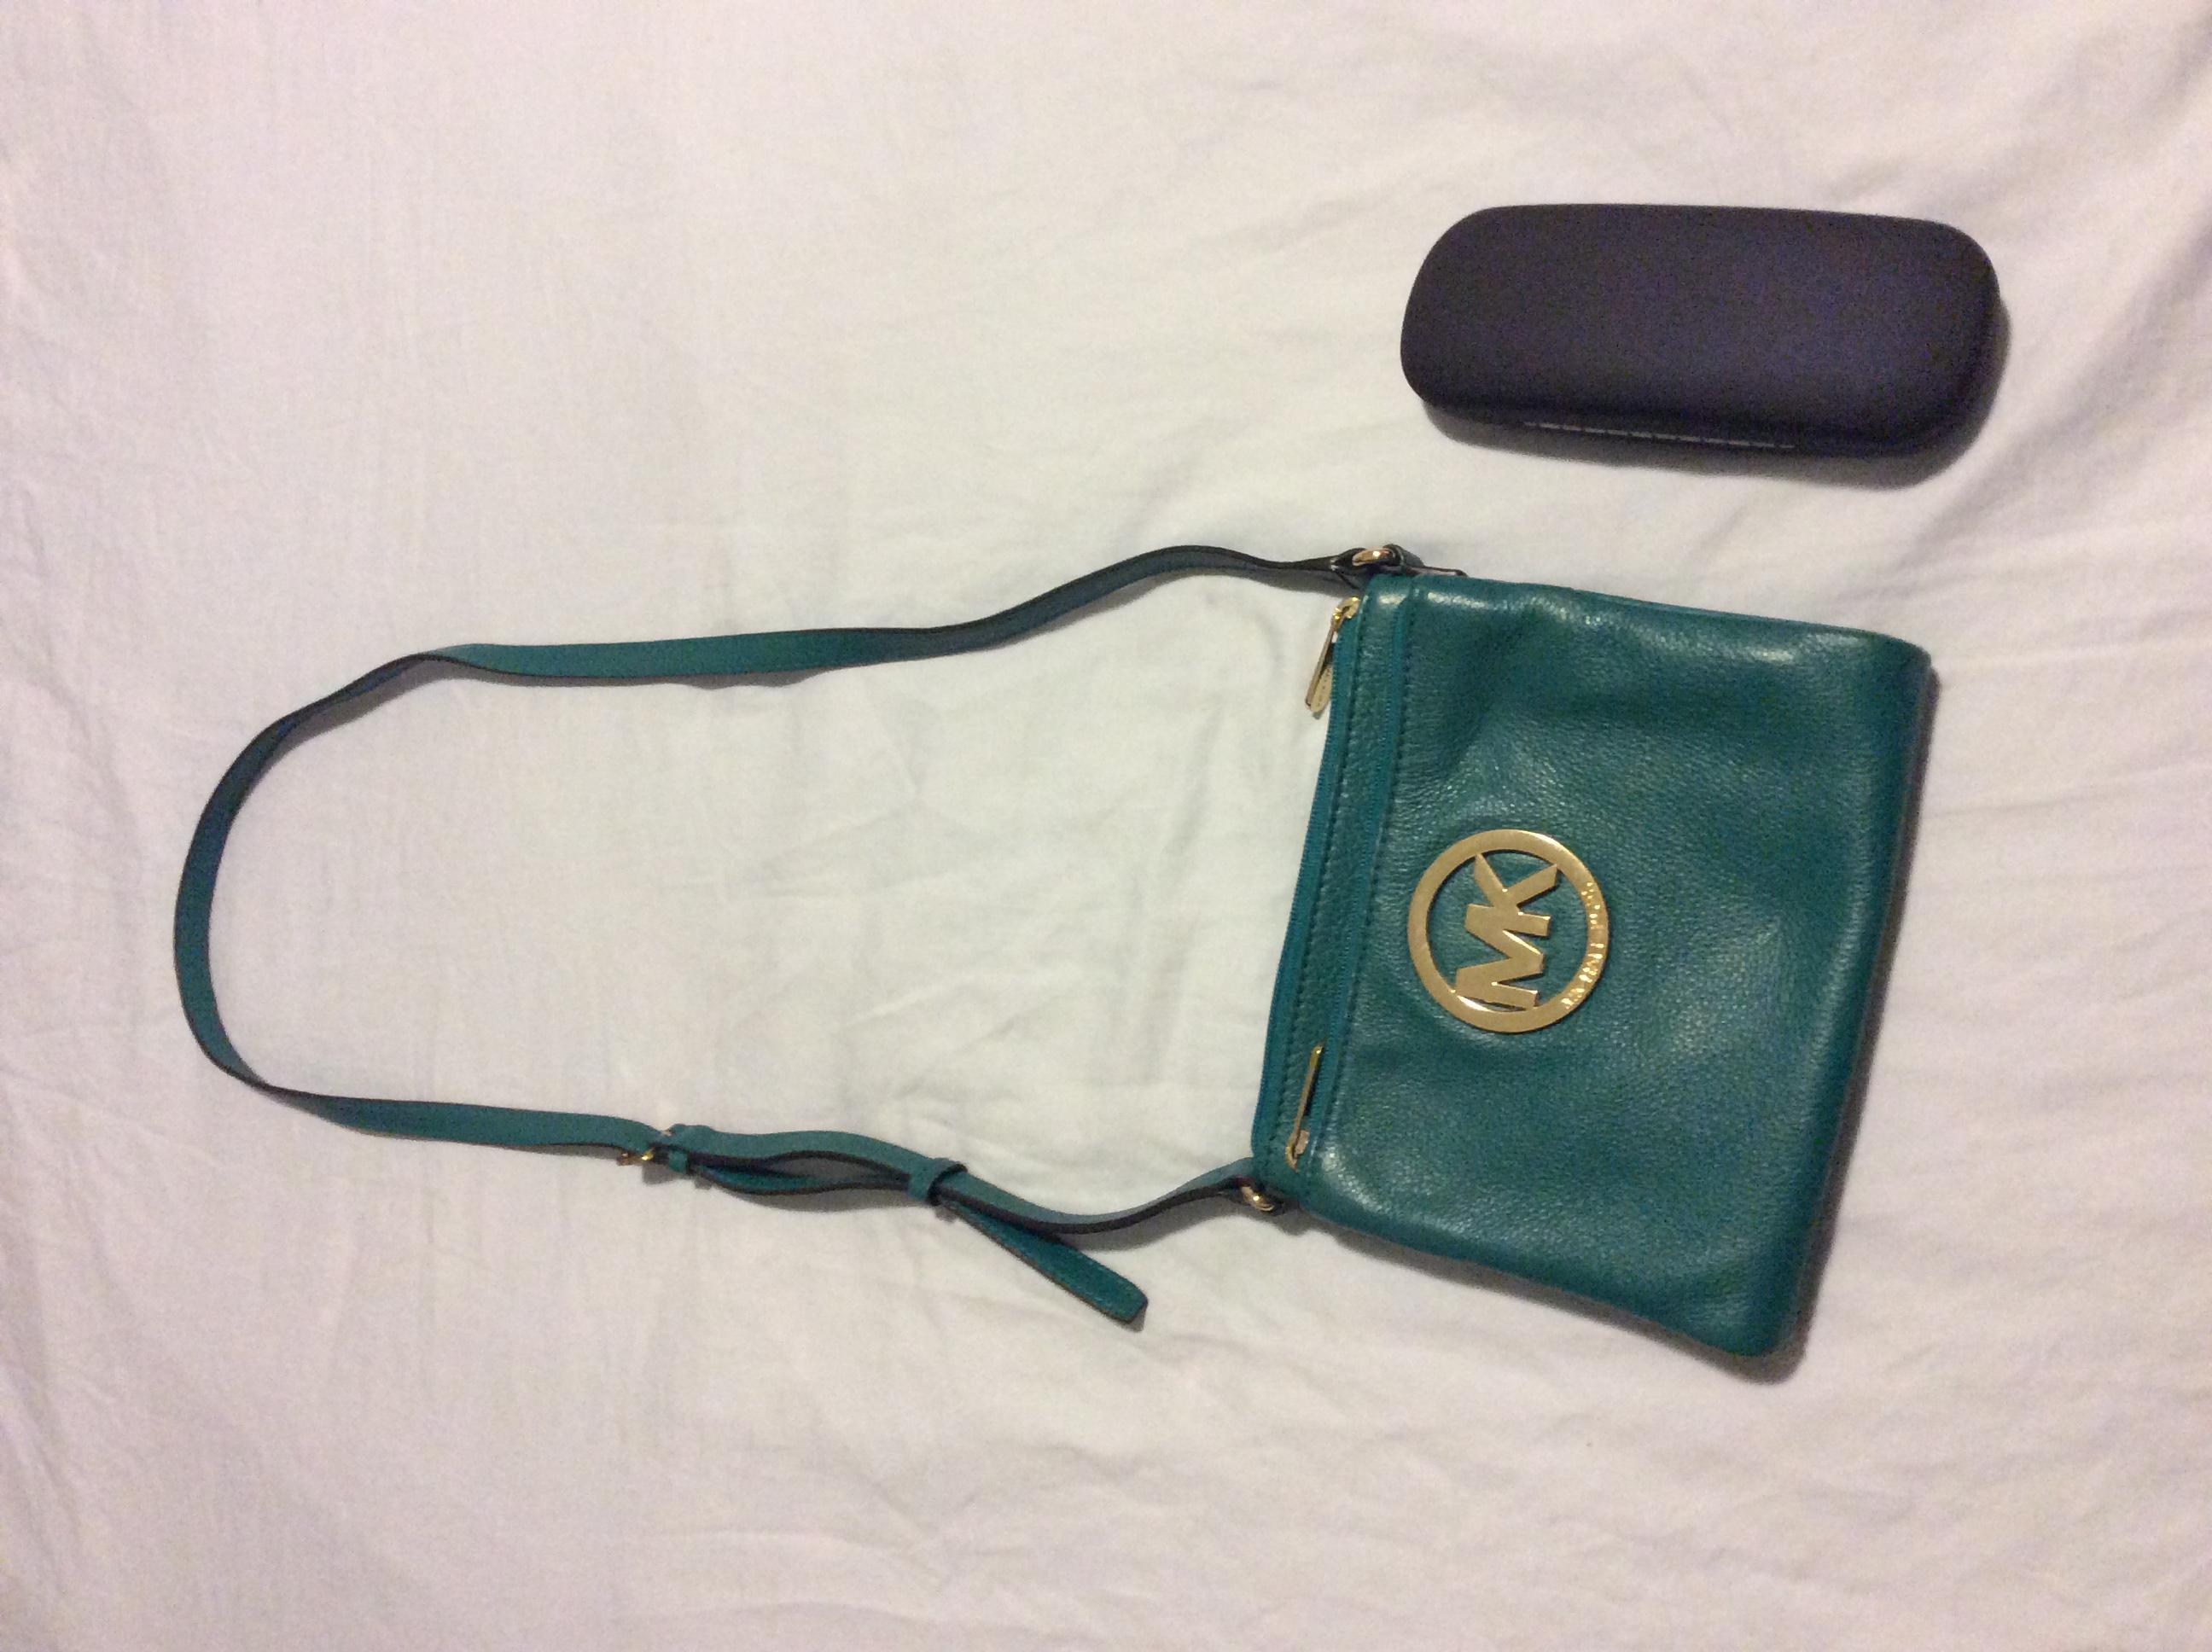 Teal leather micheal kors handbag